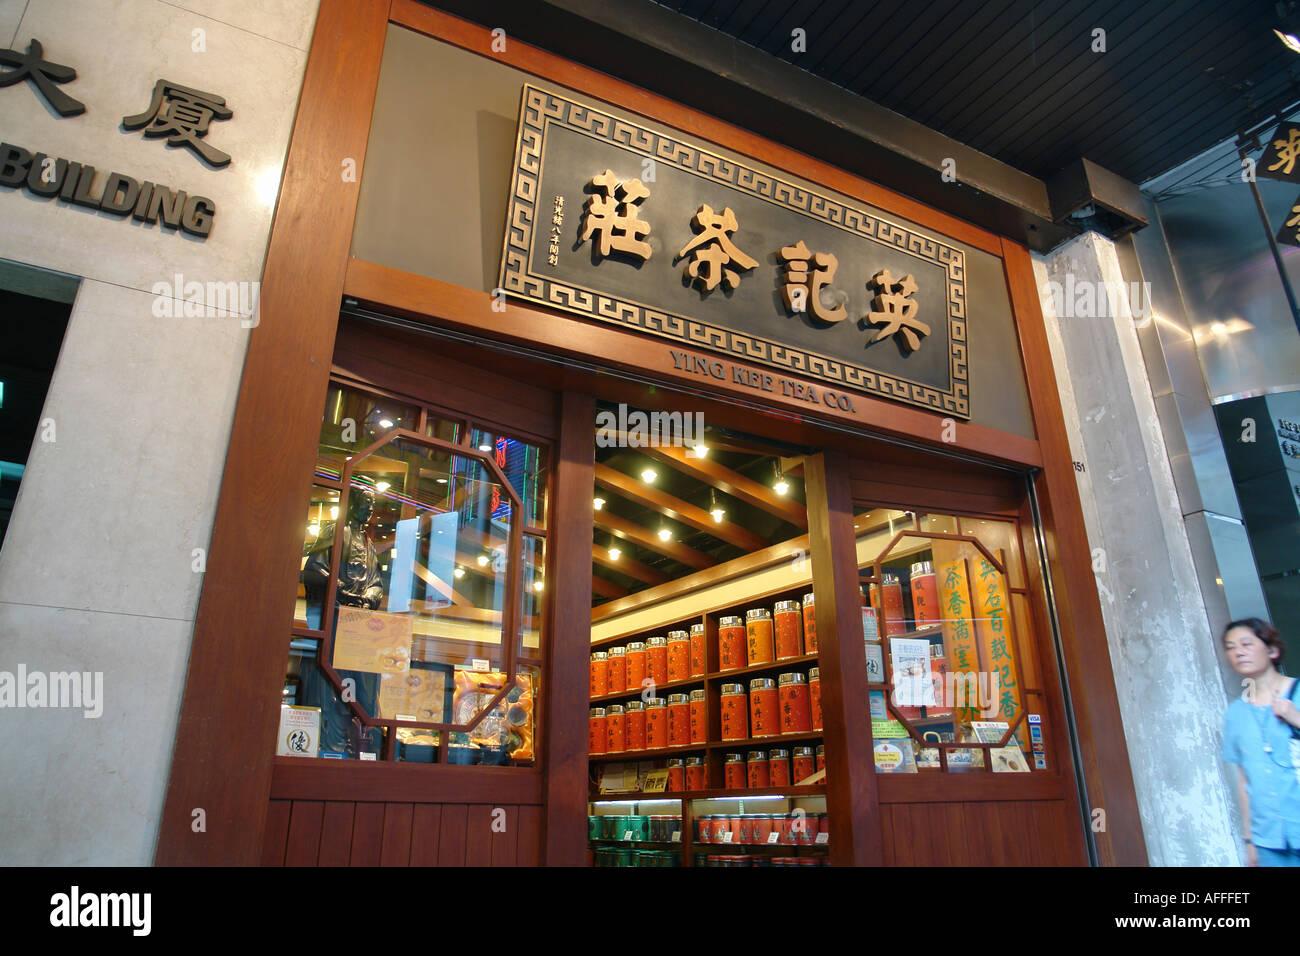 Ying Kee tea shop in Hong Kong Cina Immagini Stock